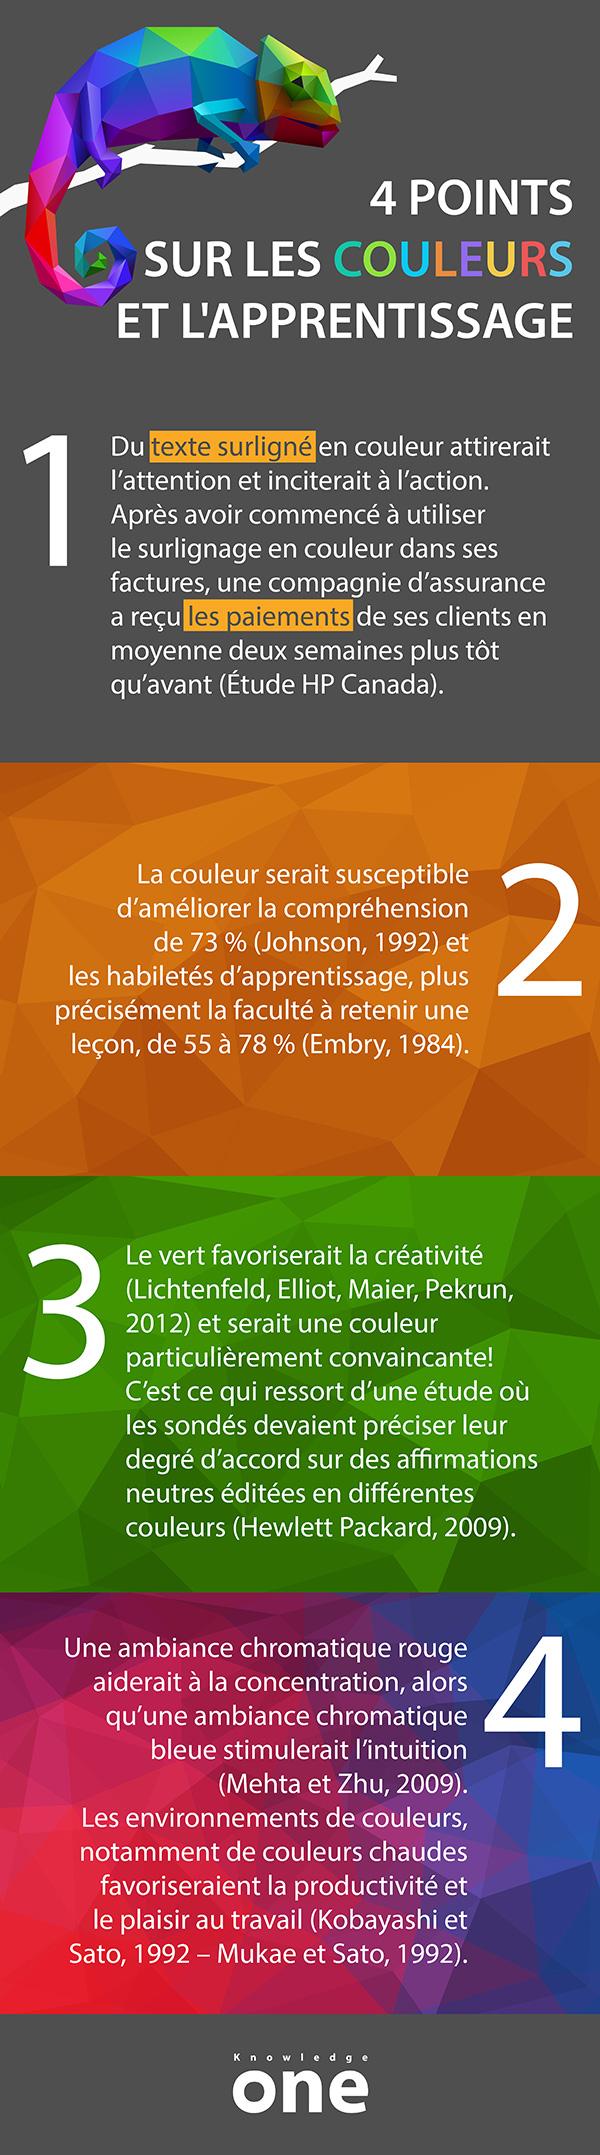 infographie sur les couleurs et l'apprentissage